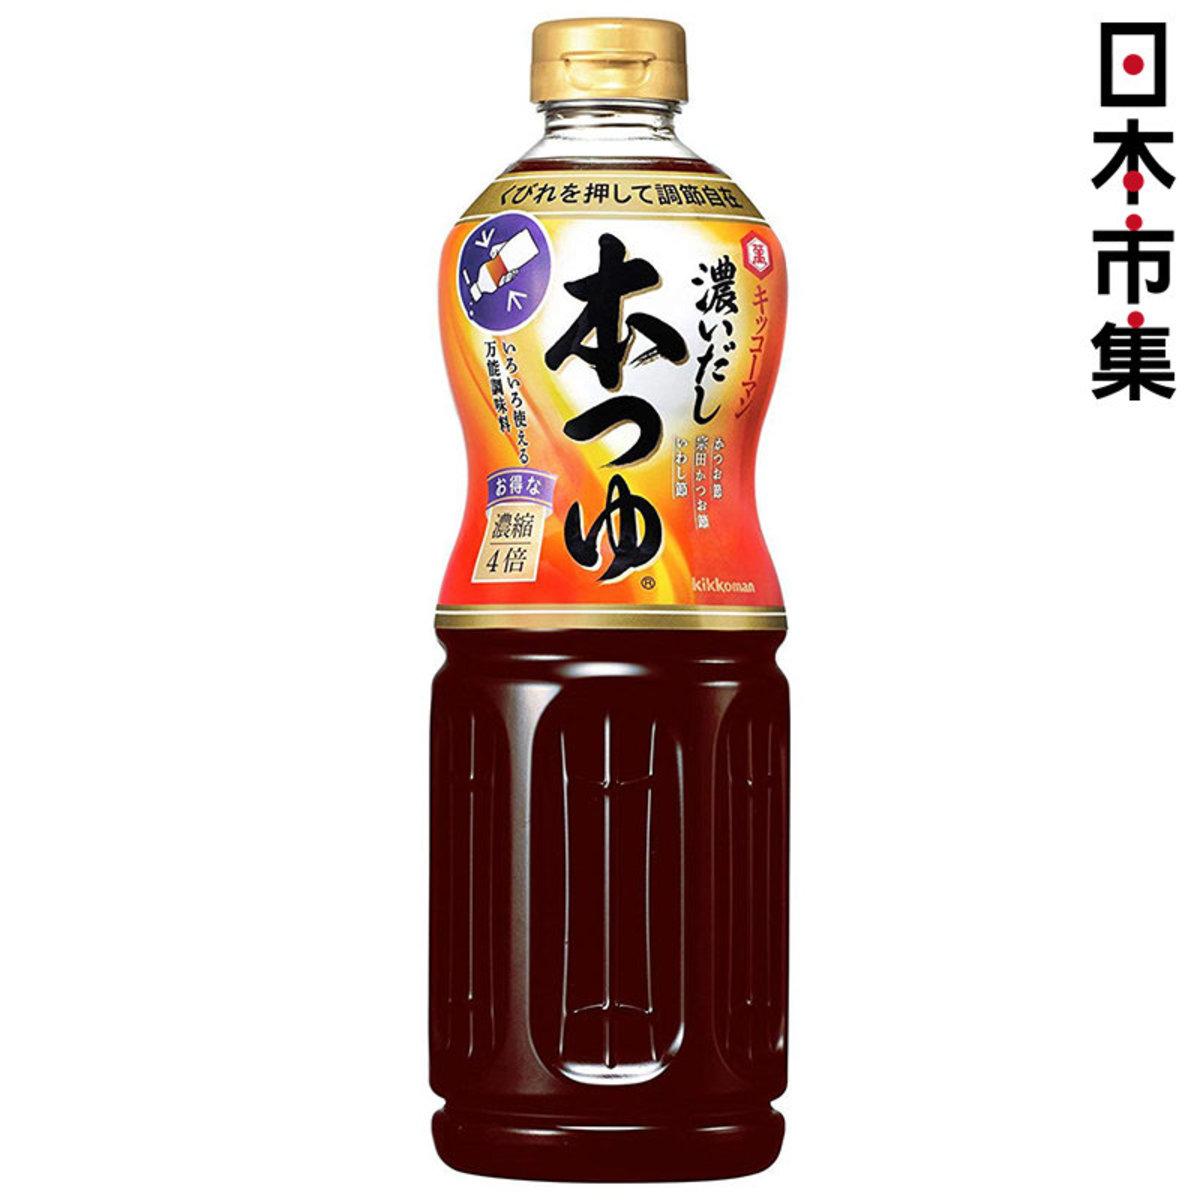 日版 萬字 4倍濃縮 麵汁醬油 1000ml【市集世界 - 日本市集】